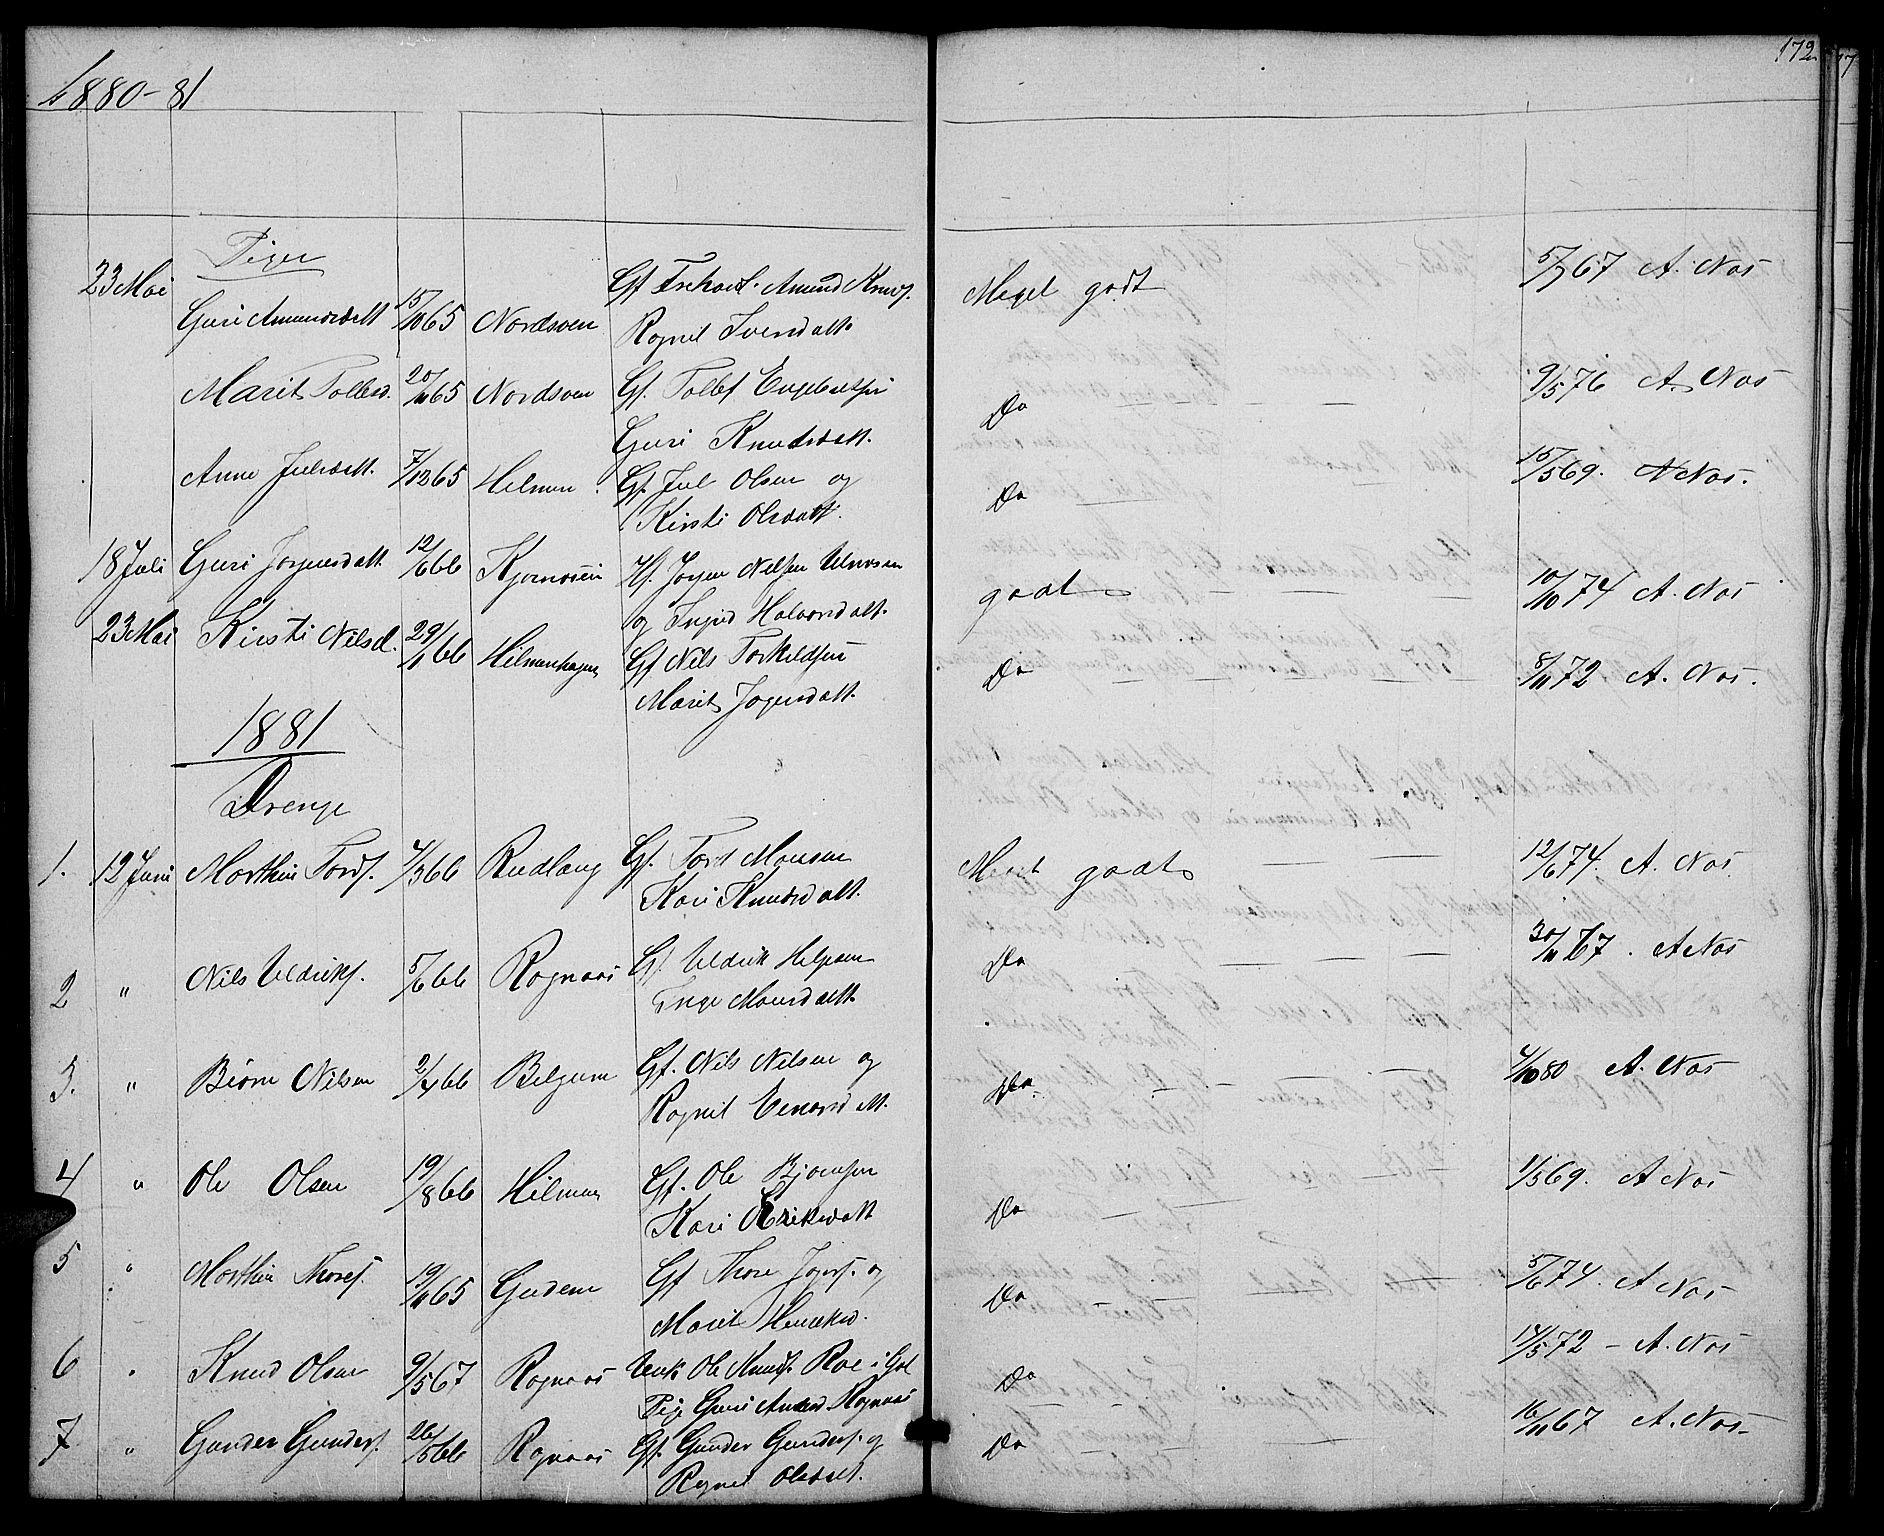 SAH, Nord-Aurdal prestekontor, Klokkerbok nr. 4, 1842-1882, s. 172